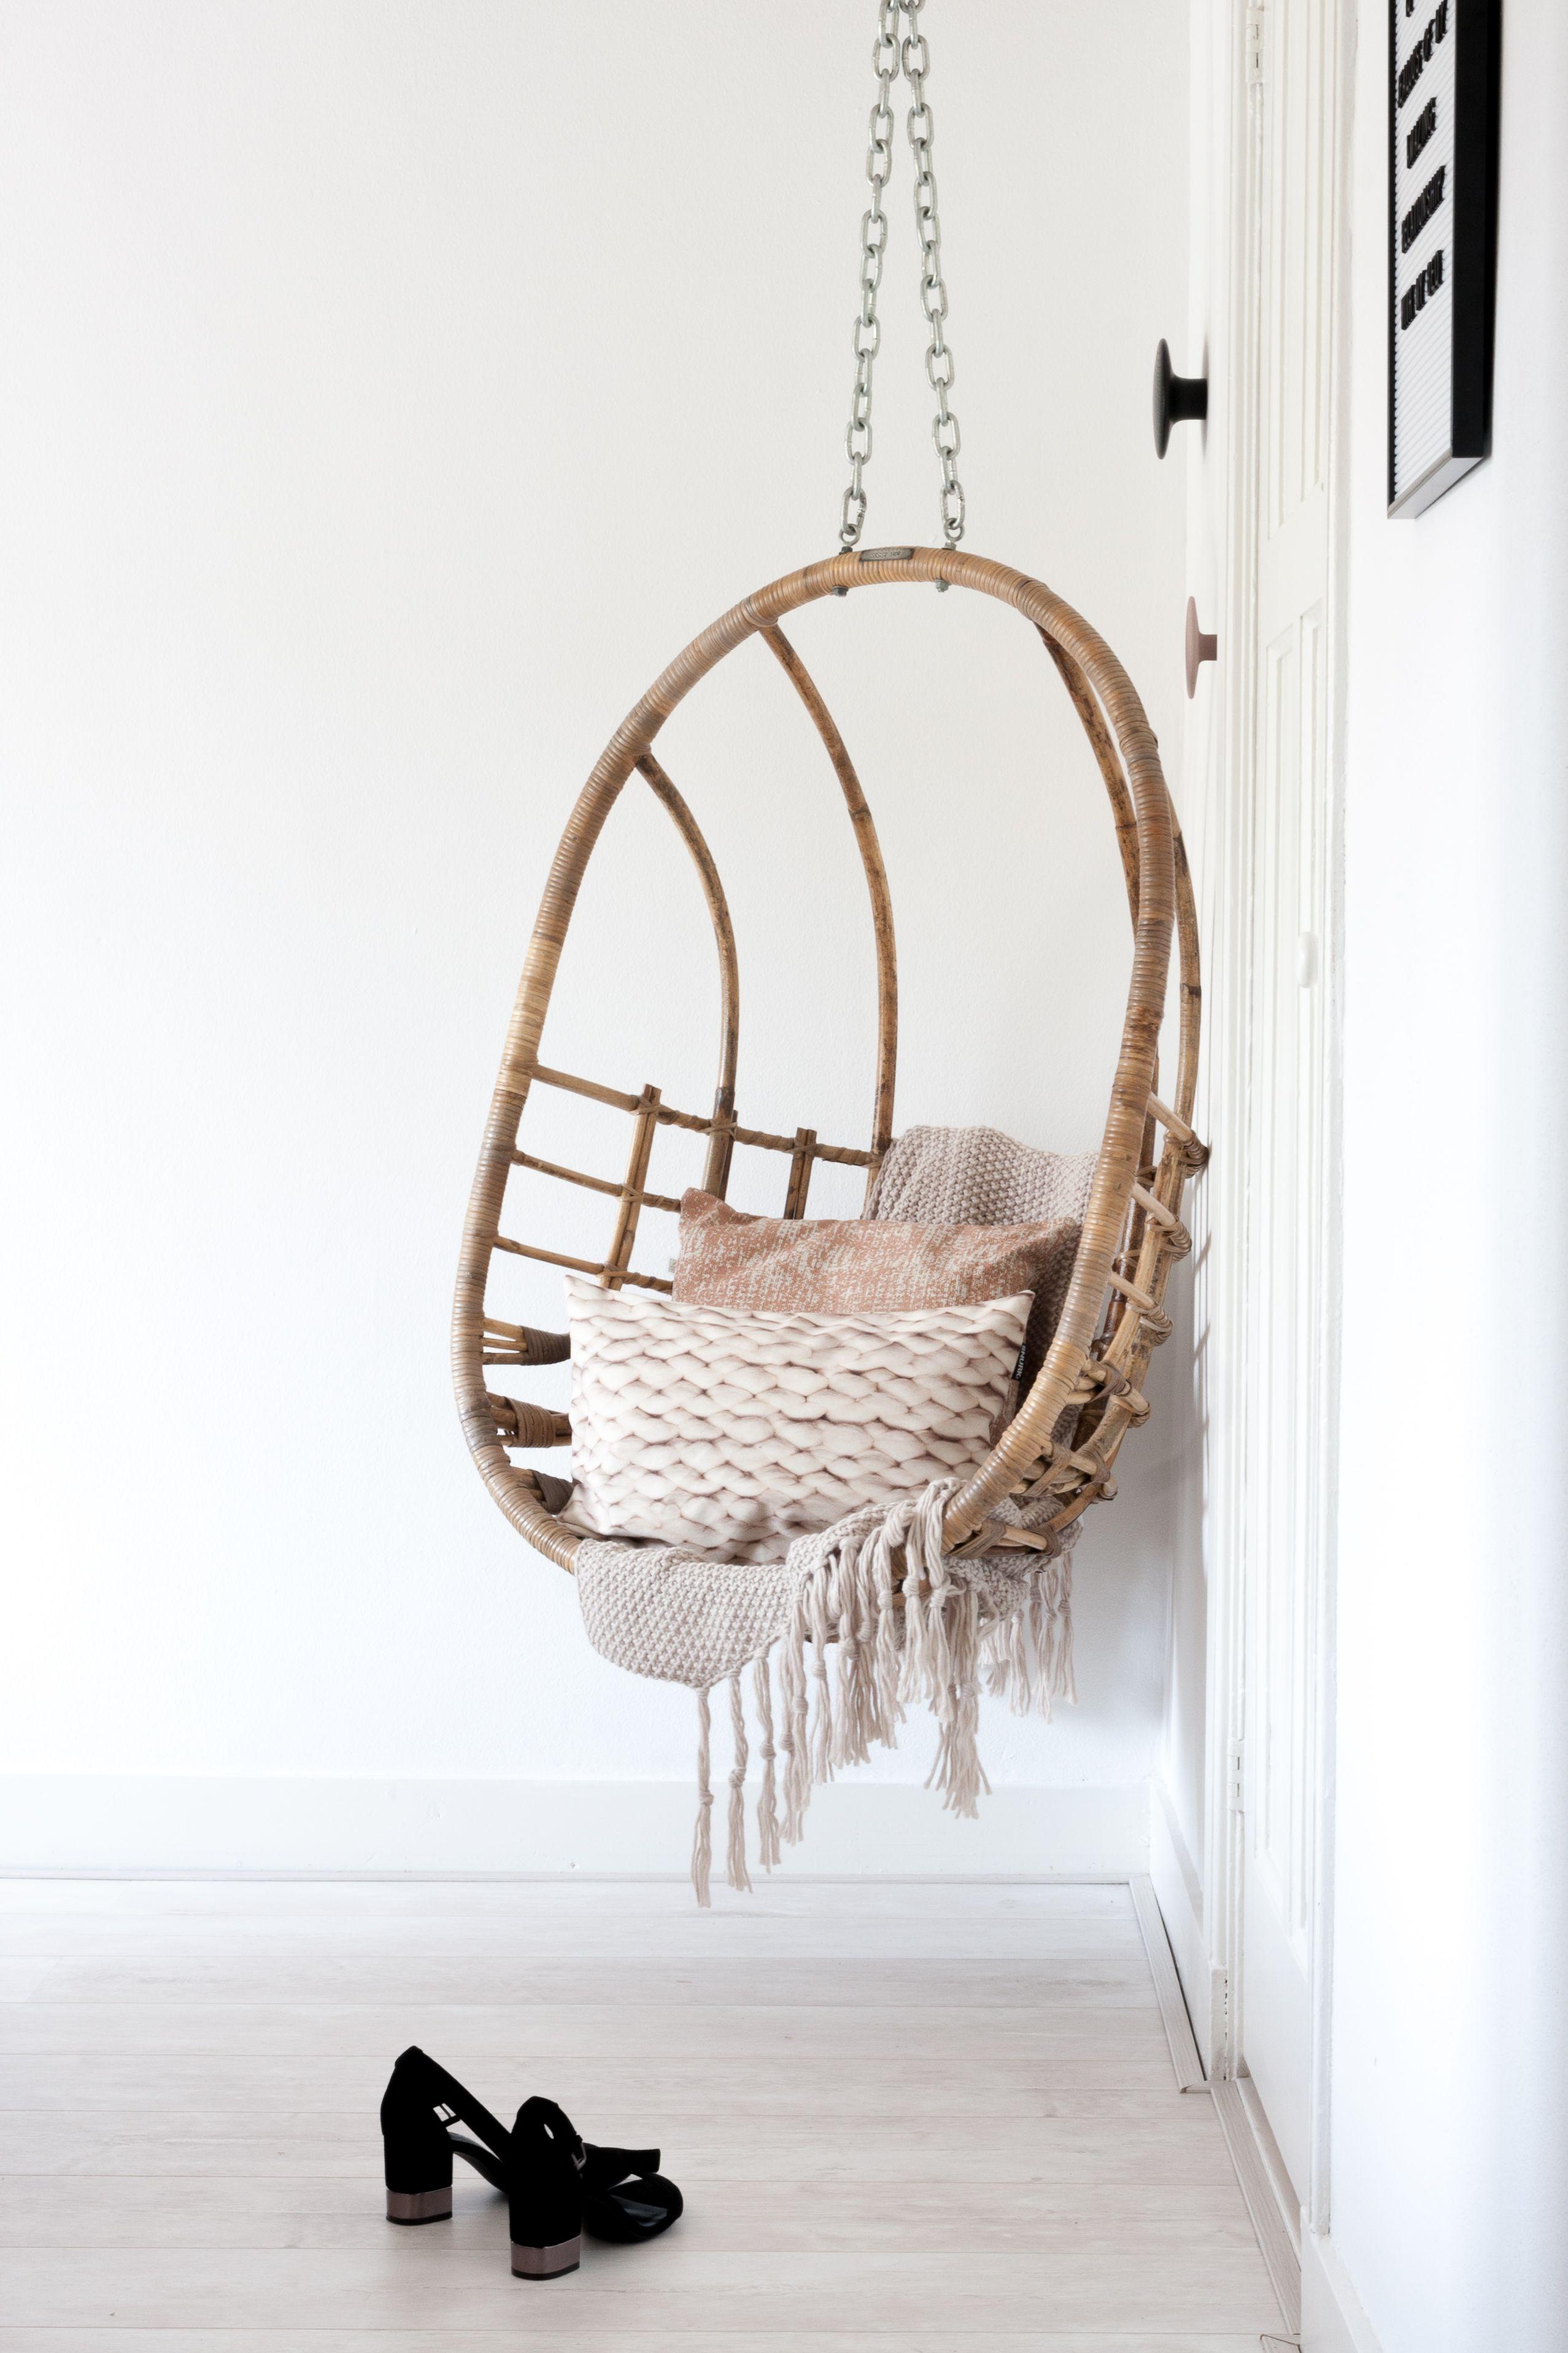 Hangstoel Egg Chair.Hangstoel Egg Chair Best Best O Wisz Egg Chair Hk Living Levendig